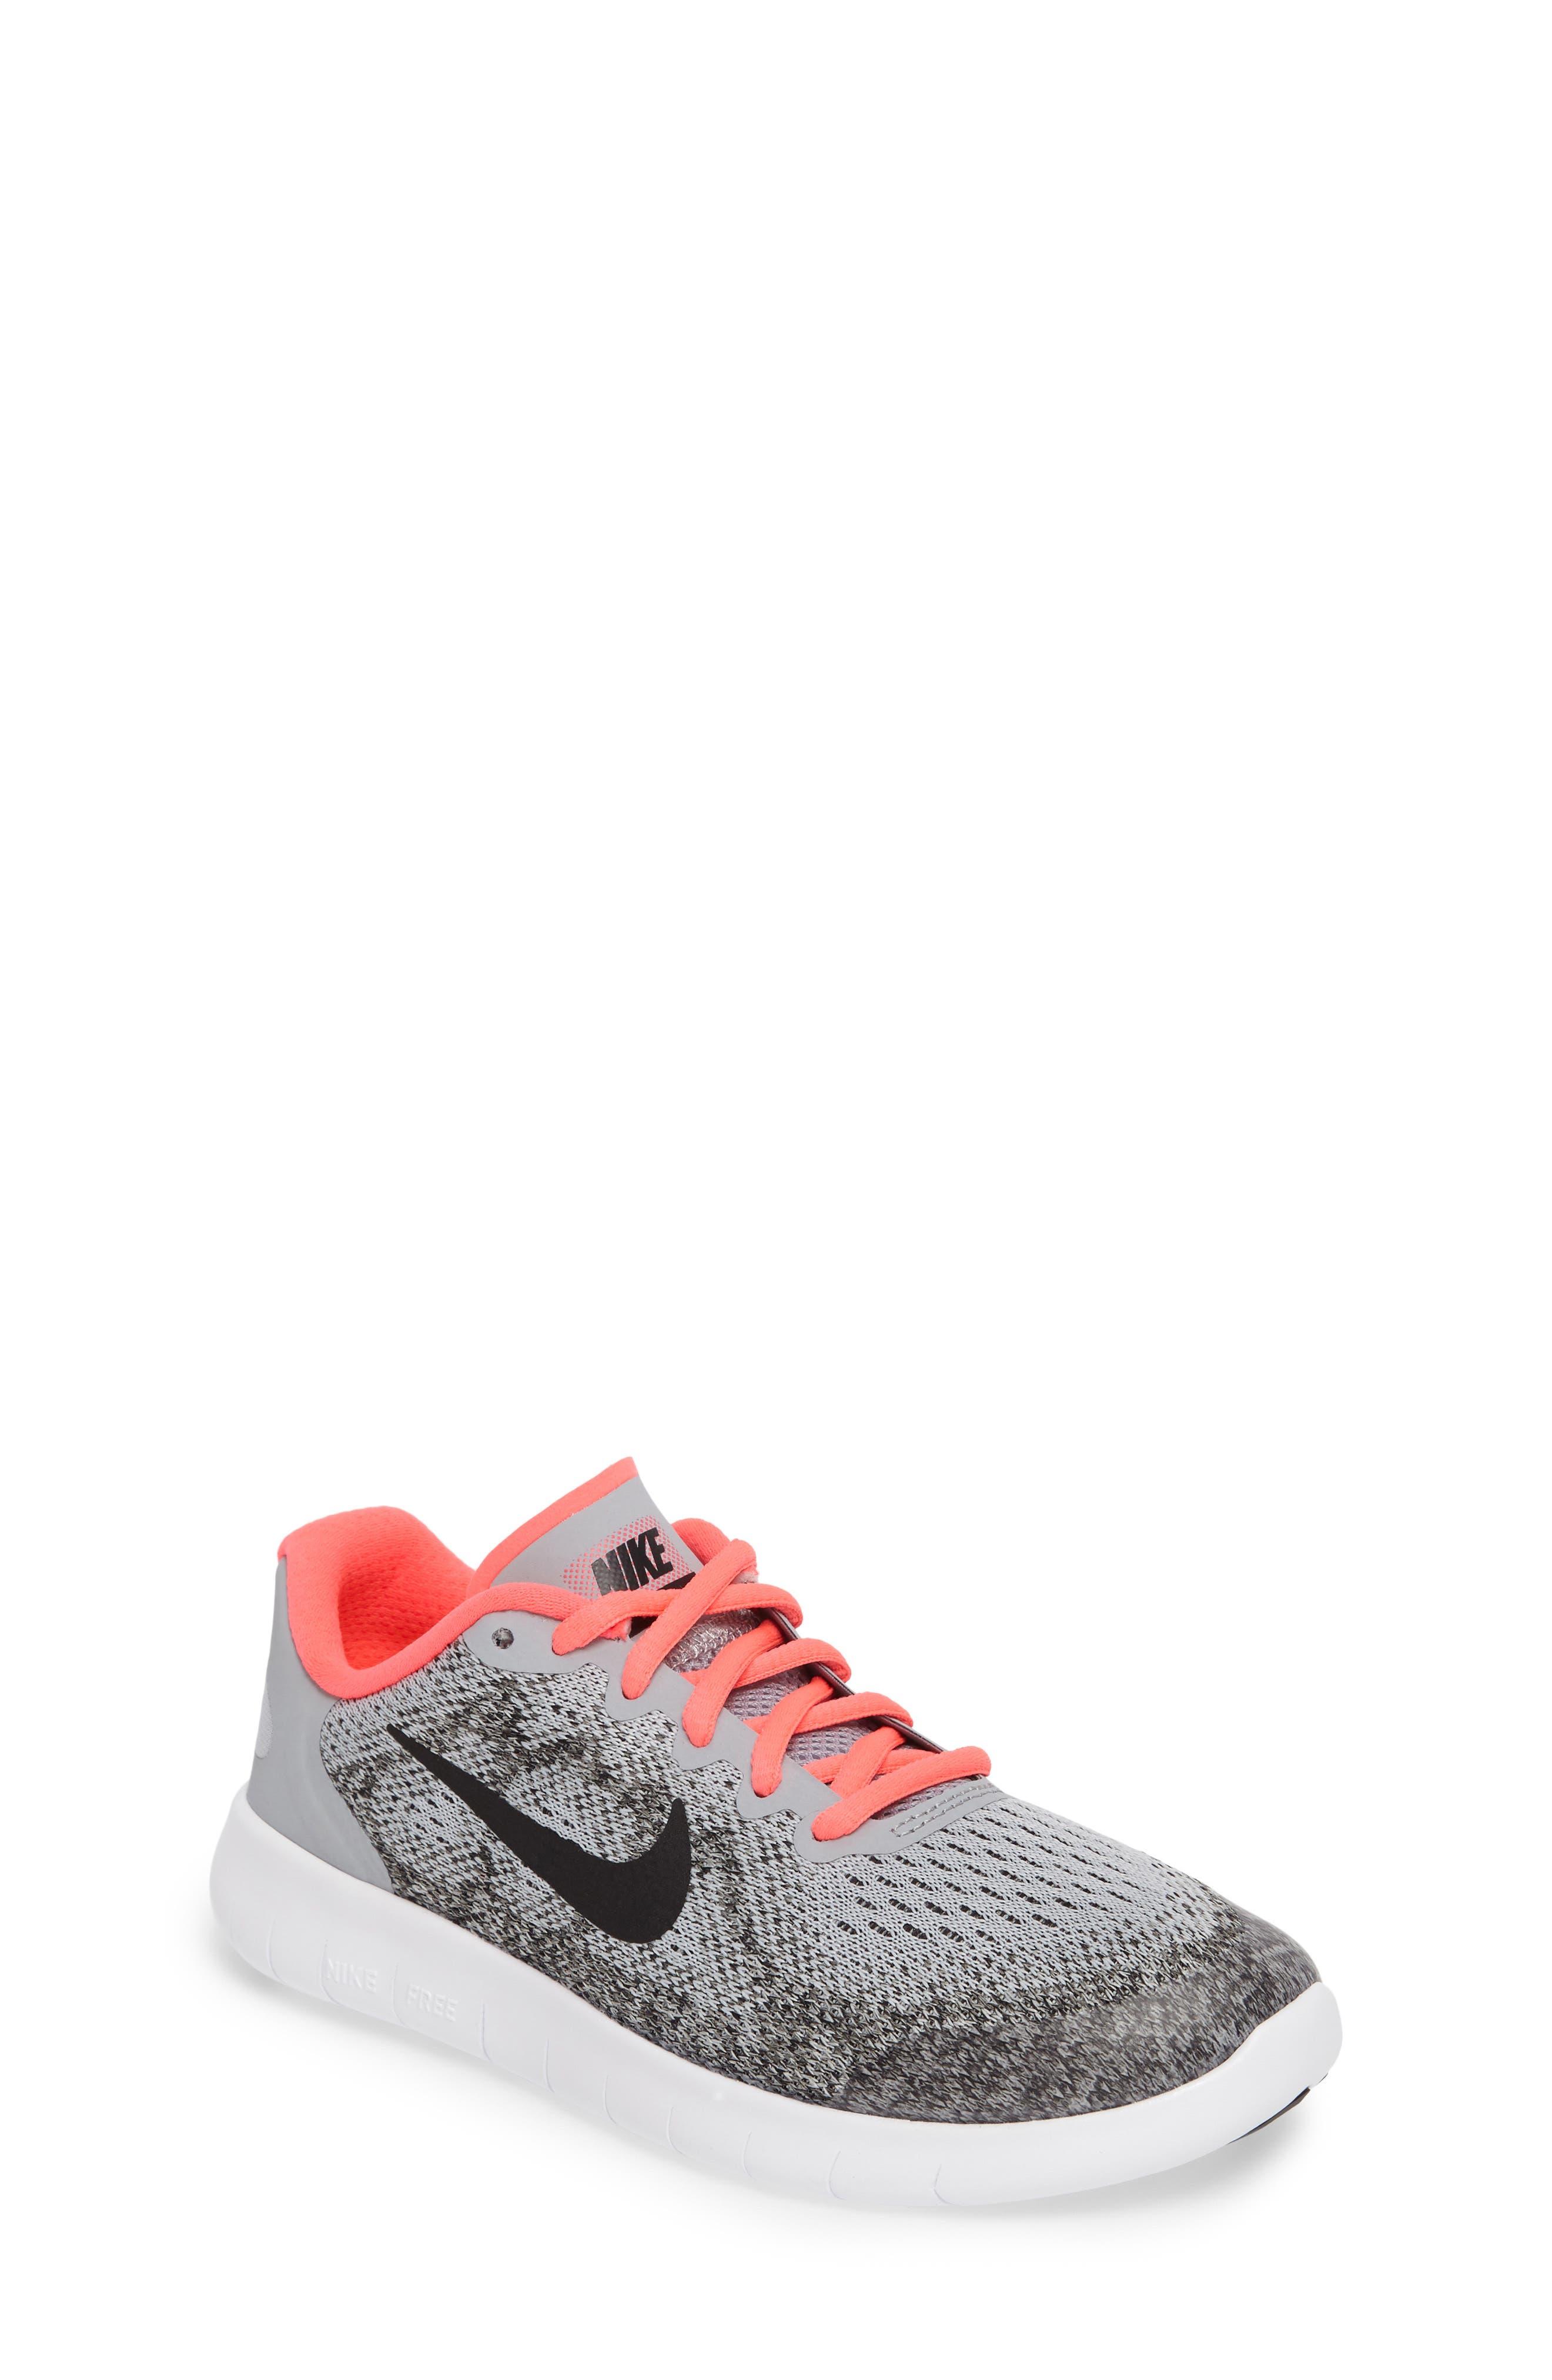 Nike Free Run 2 Athletic Shoe (Toddler, Little Kid & Big Kid)